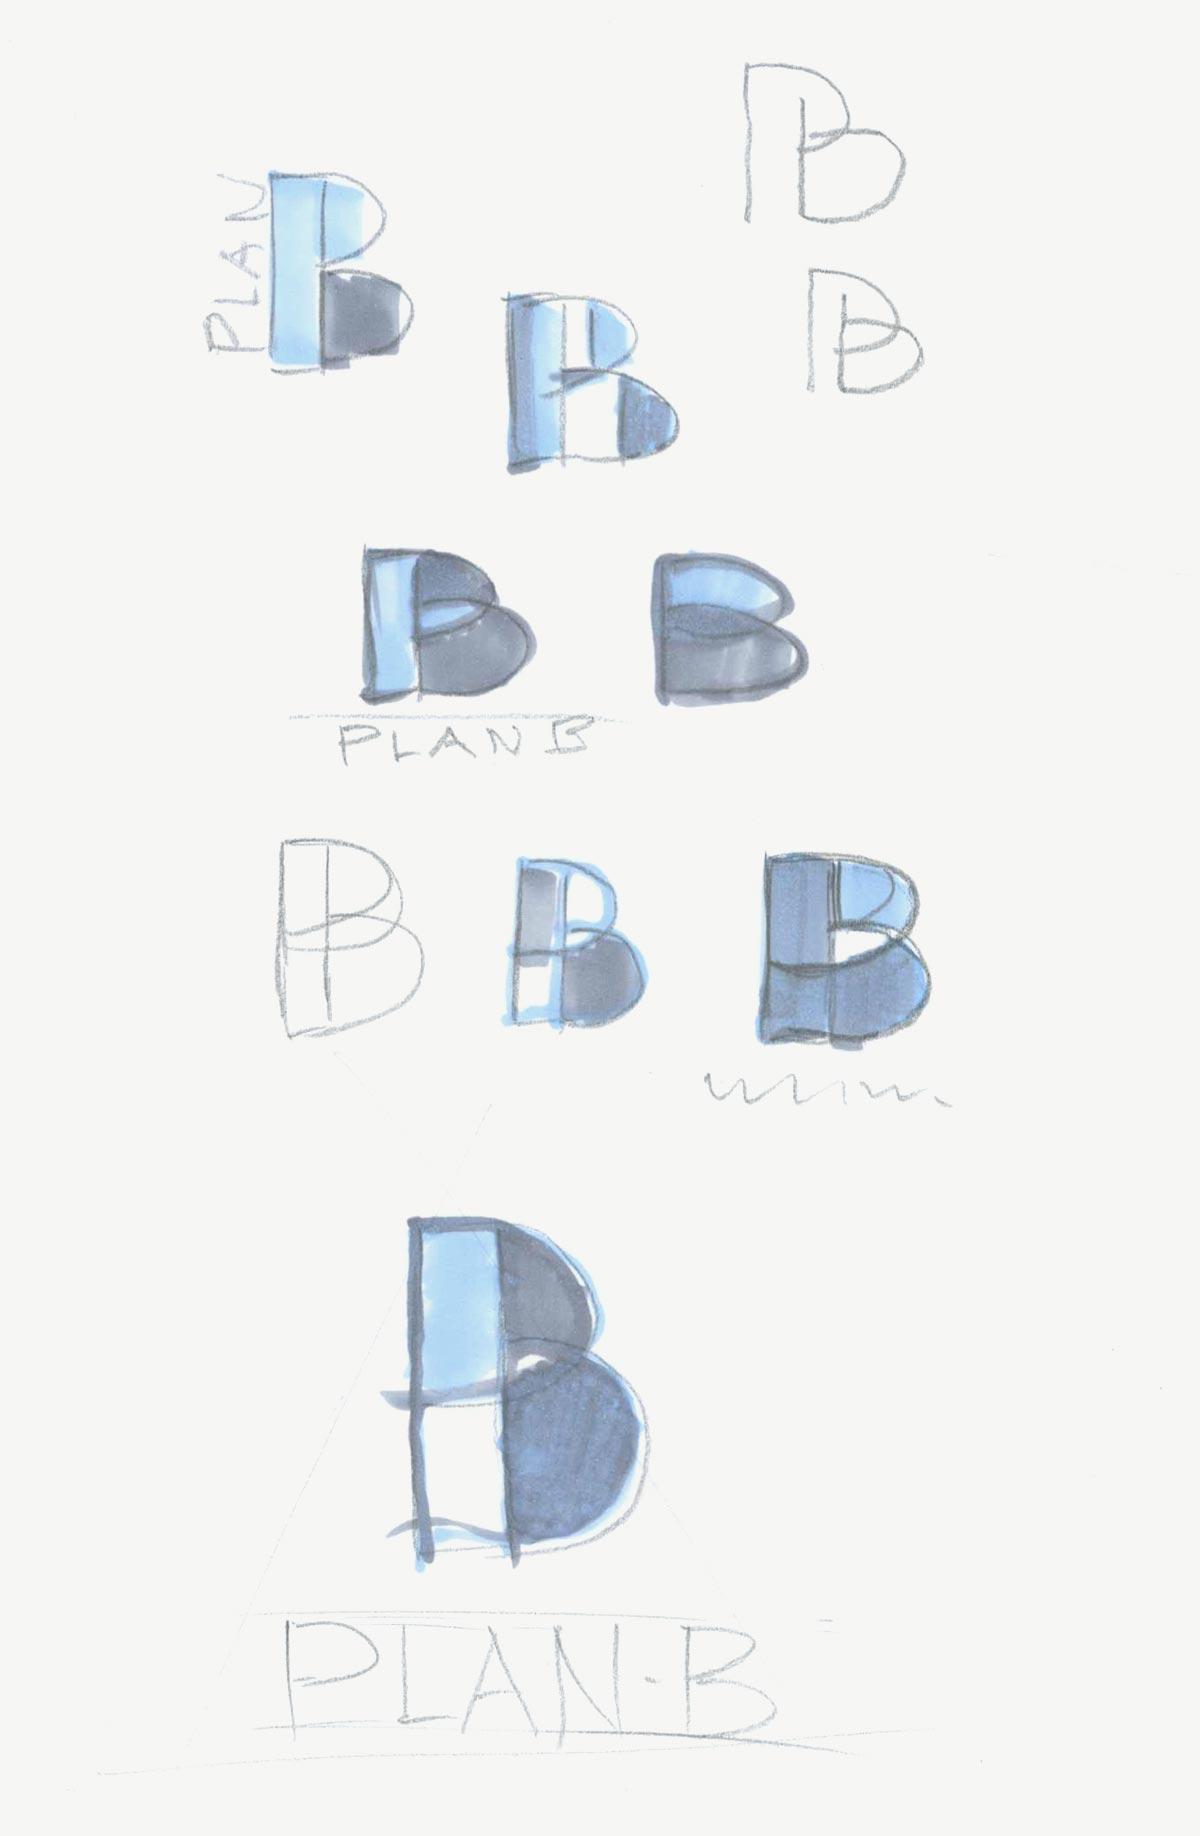 Ontwerpschetsen Plan B logo potlood ingevuld met markerstift